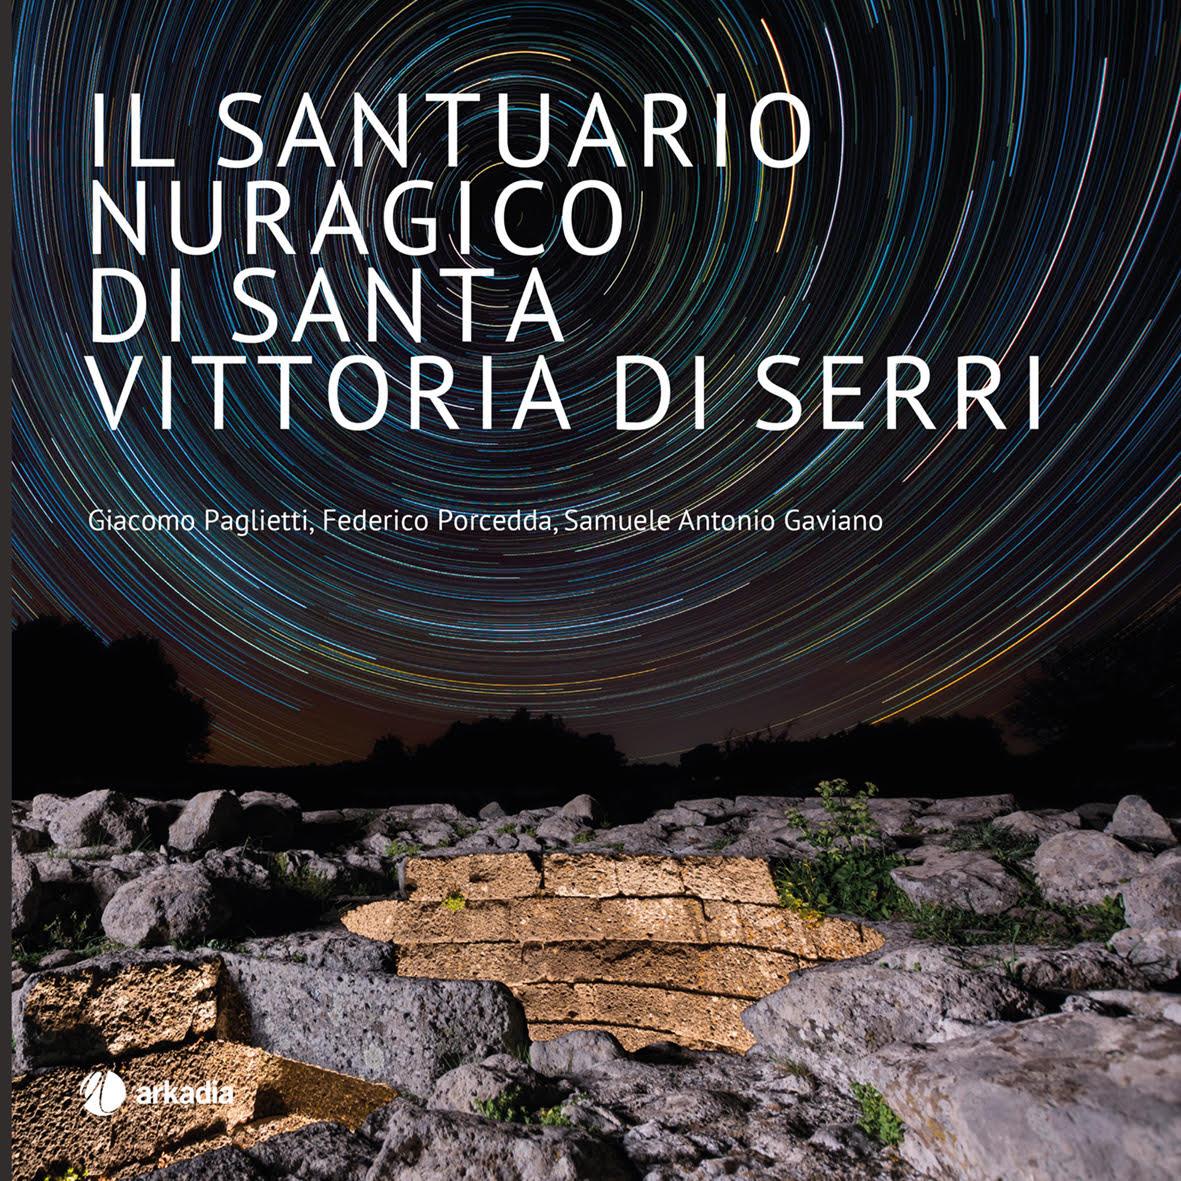 Santuario-nuragico-Serri.jpg